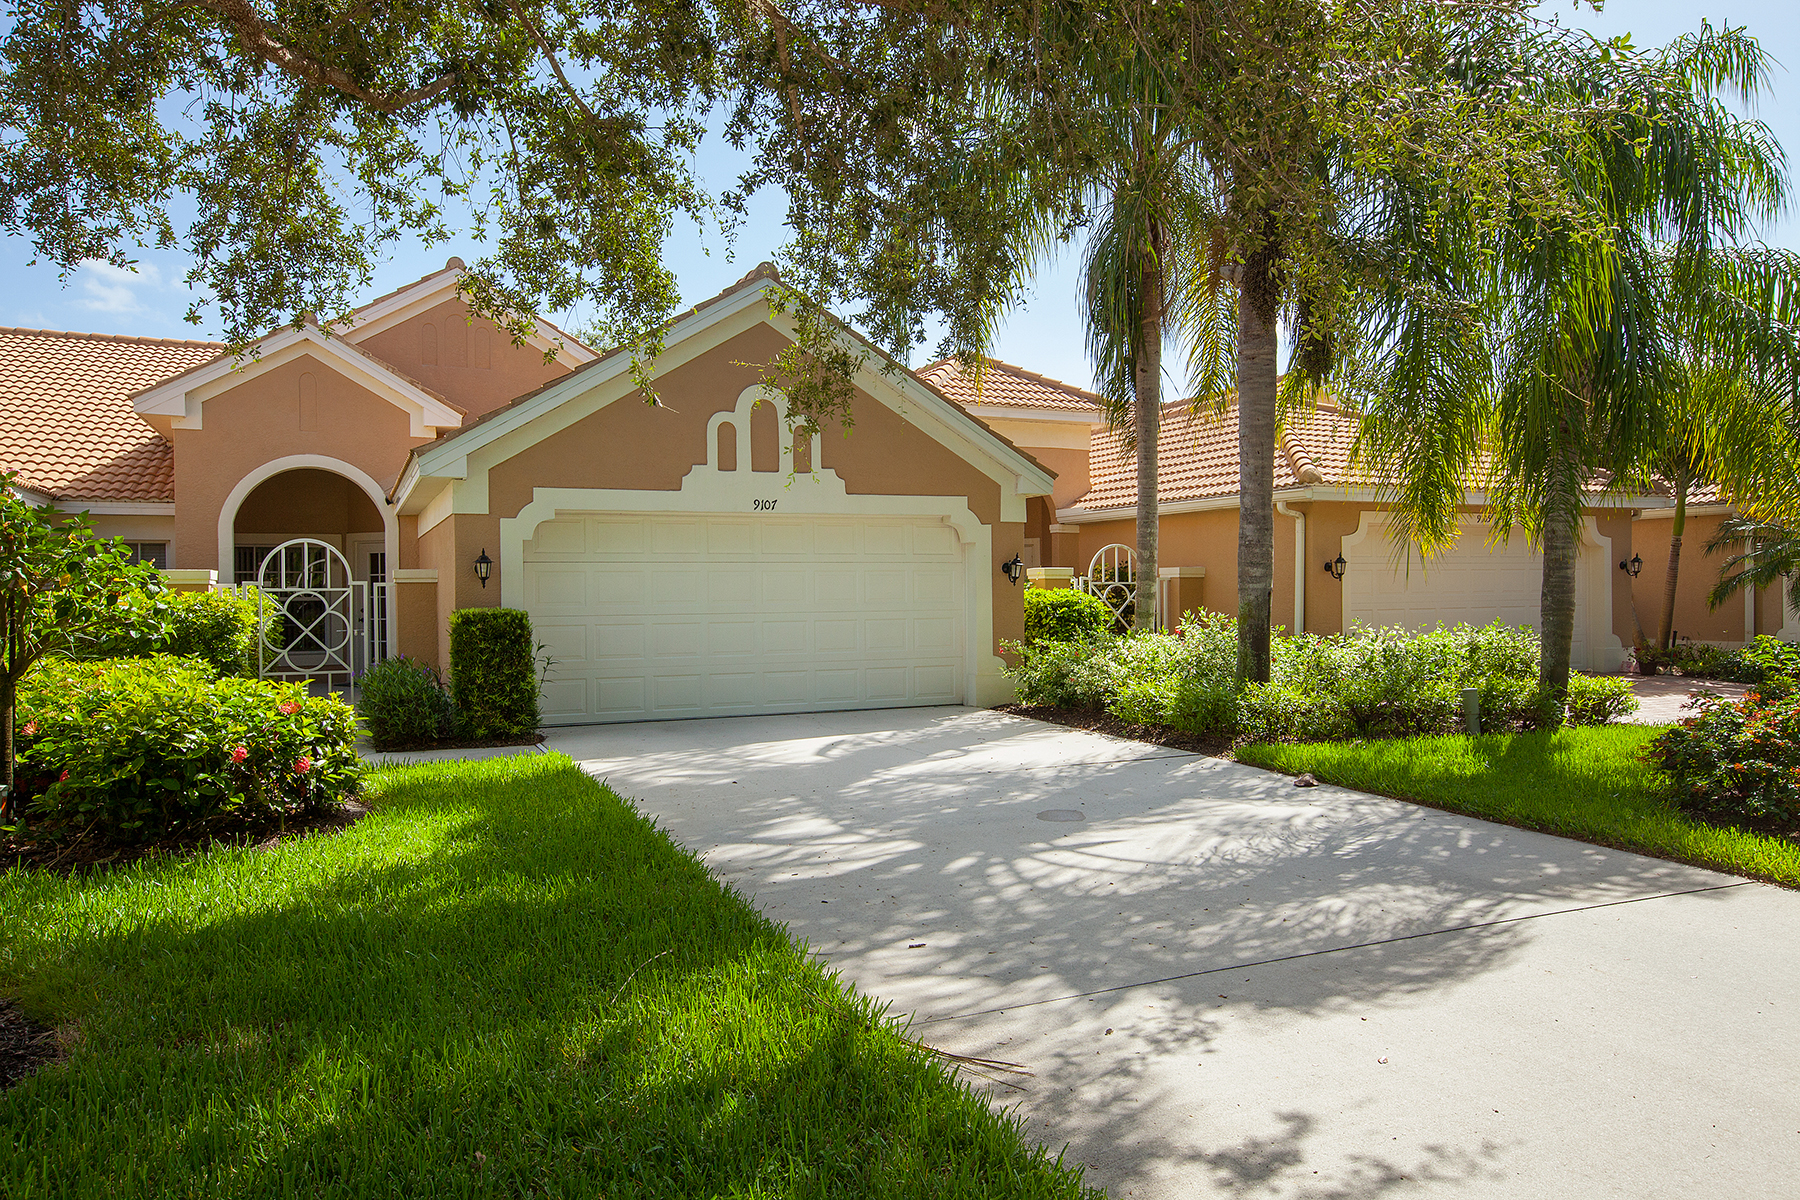 Residência urbana para Venda às SABAL COVE 9107 Spring Run Blvd Bonita Springs, Florida, 34135 Estados Unidos